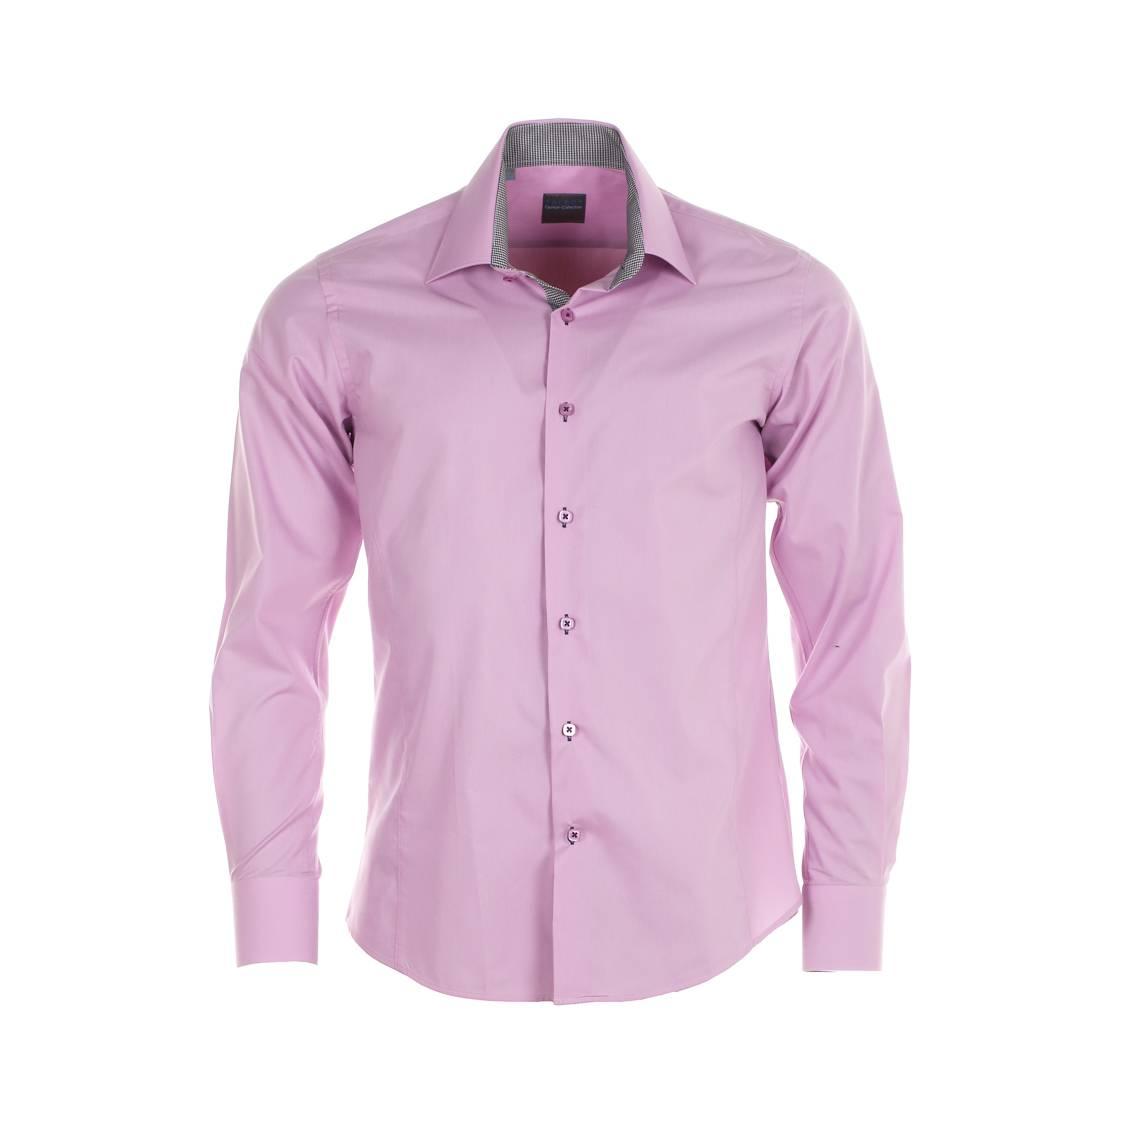 Chemise homme cintrée Toldot rose, à opposition motifs pieds de poule. Coton (65%), Polyester (35%)Coupe cintréePoignets cass&eac